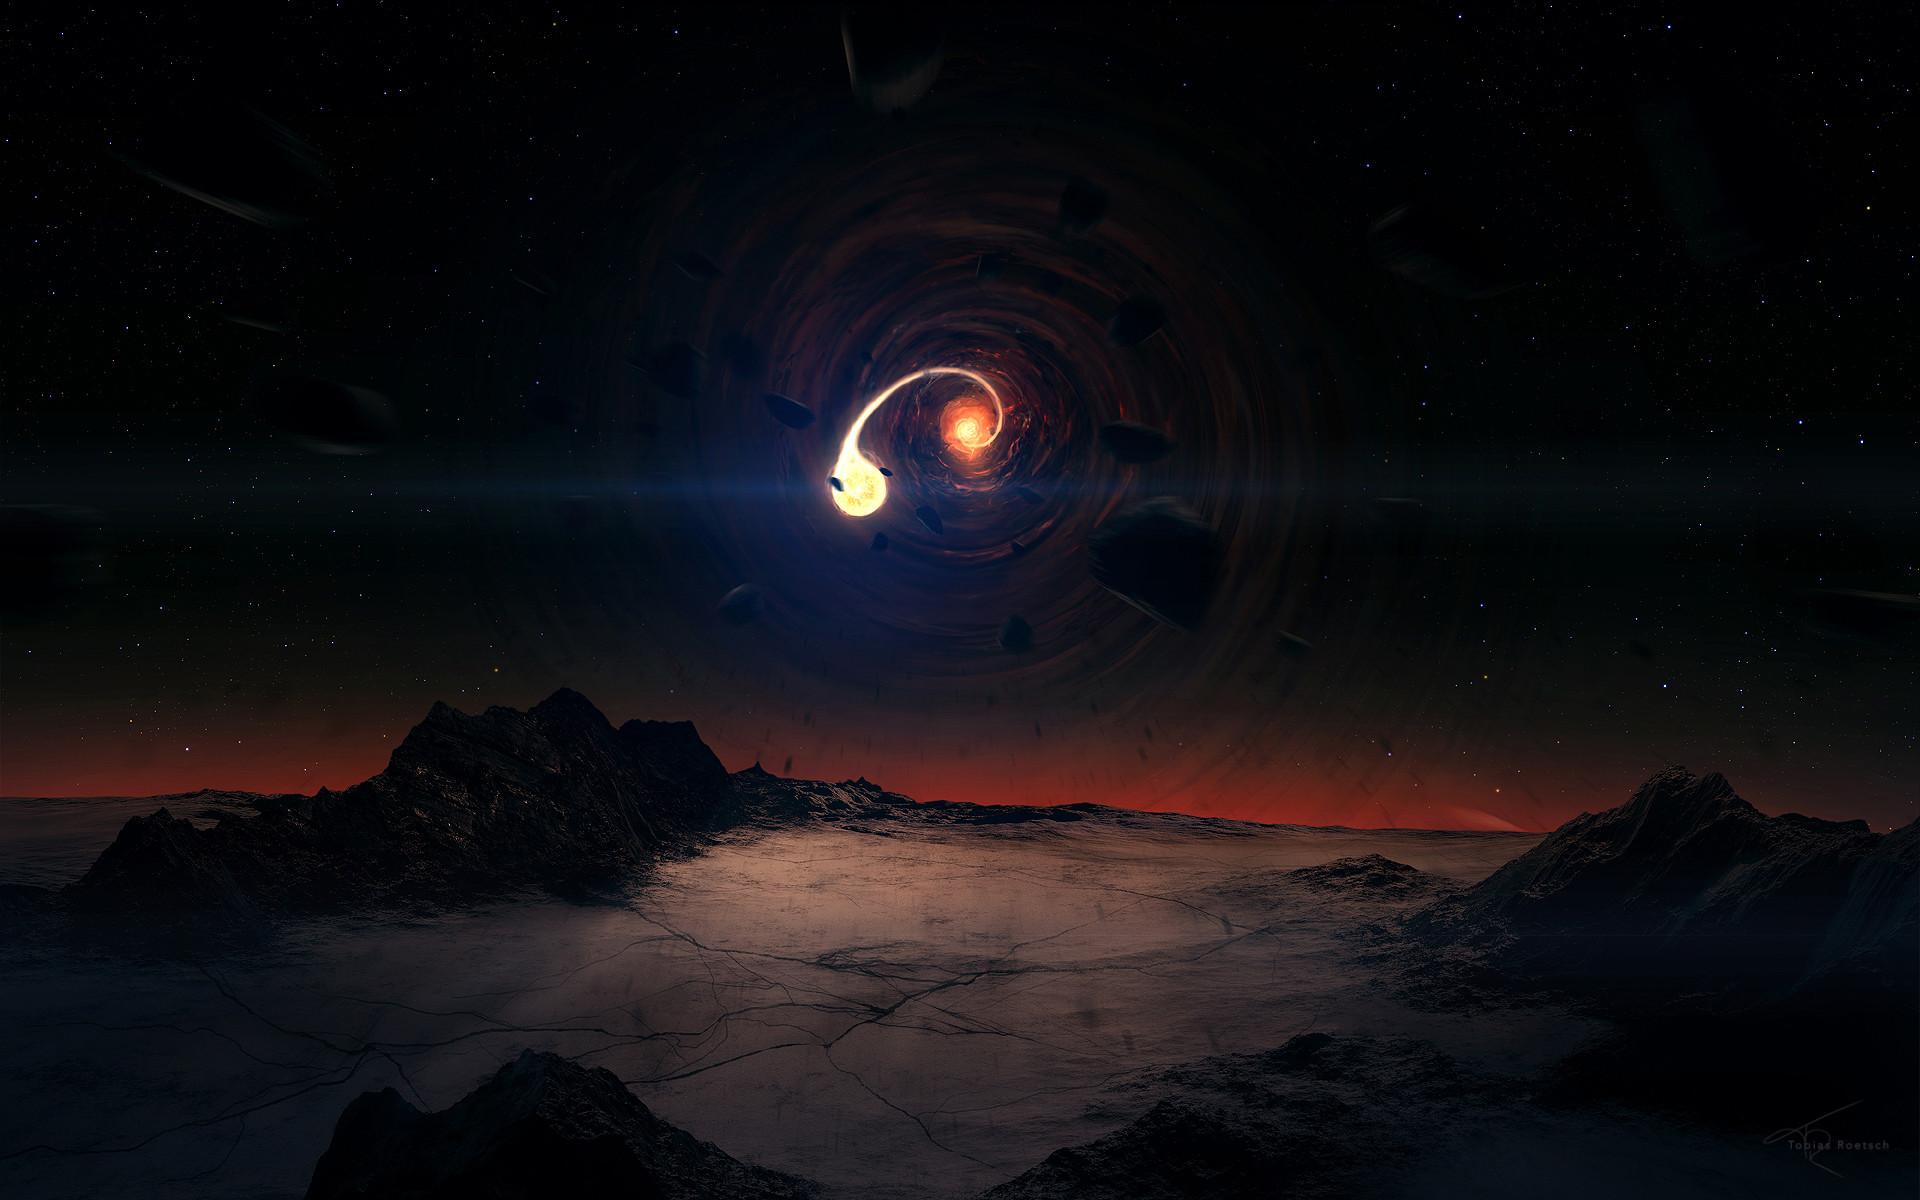 Interstellar Black Hole HD Wallpaper x ID | HD Wallpapers | Pinterest | Hd  wallpaper and Wallpaper